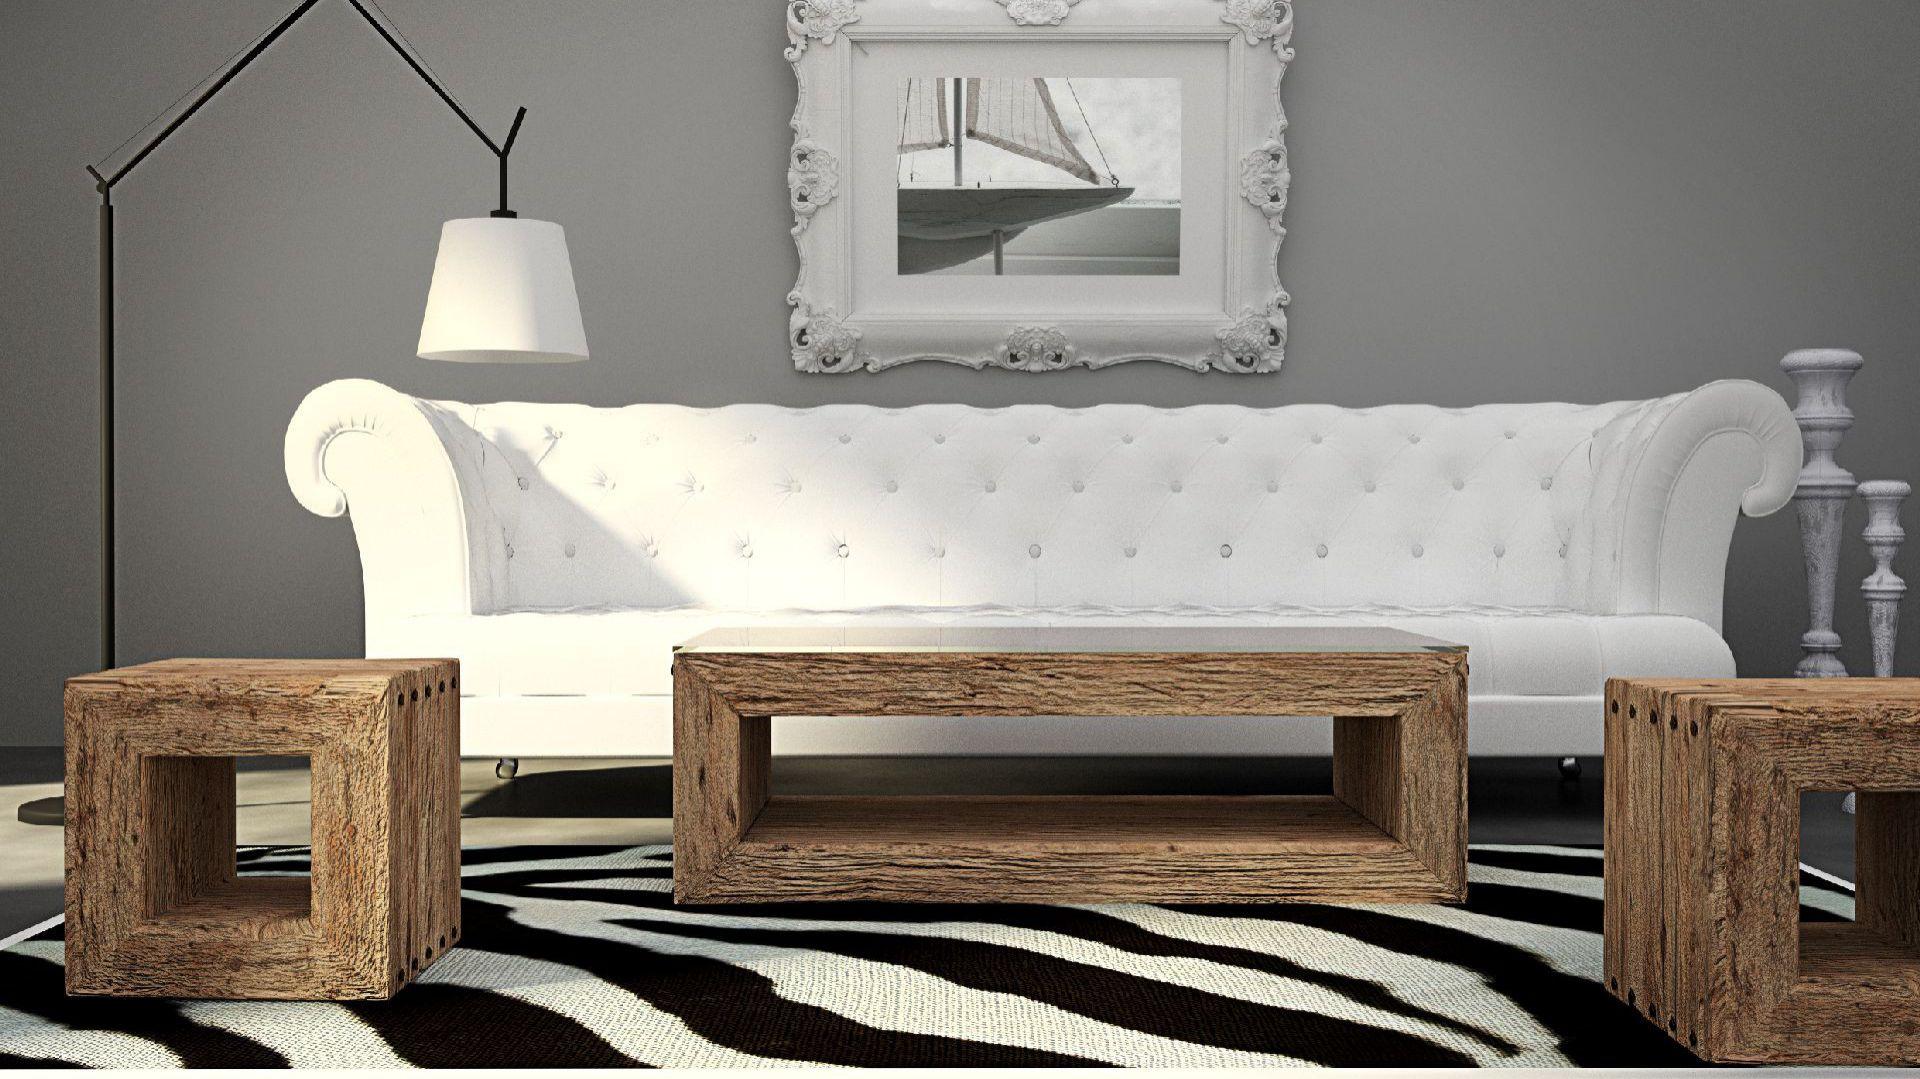 Komplet Trähus to kute łączenia, hartowane, bezbarwne szkło i unikatowe drewno, którego czas już minął odkryte na nowo i wprowadzone w najbardziej eleganckim stylu. Fot. SFD.